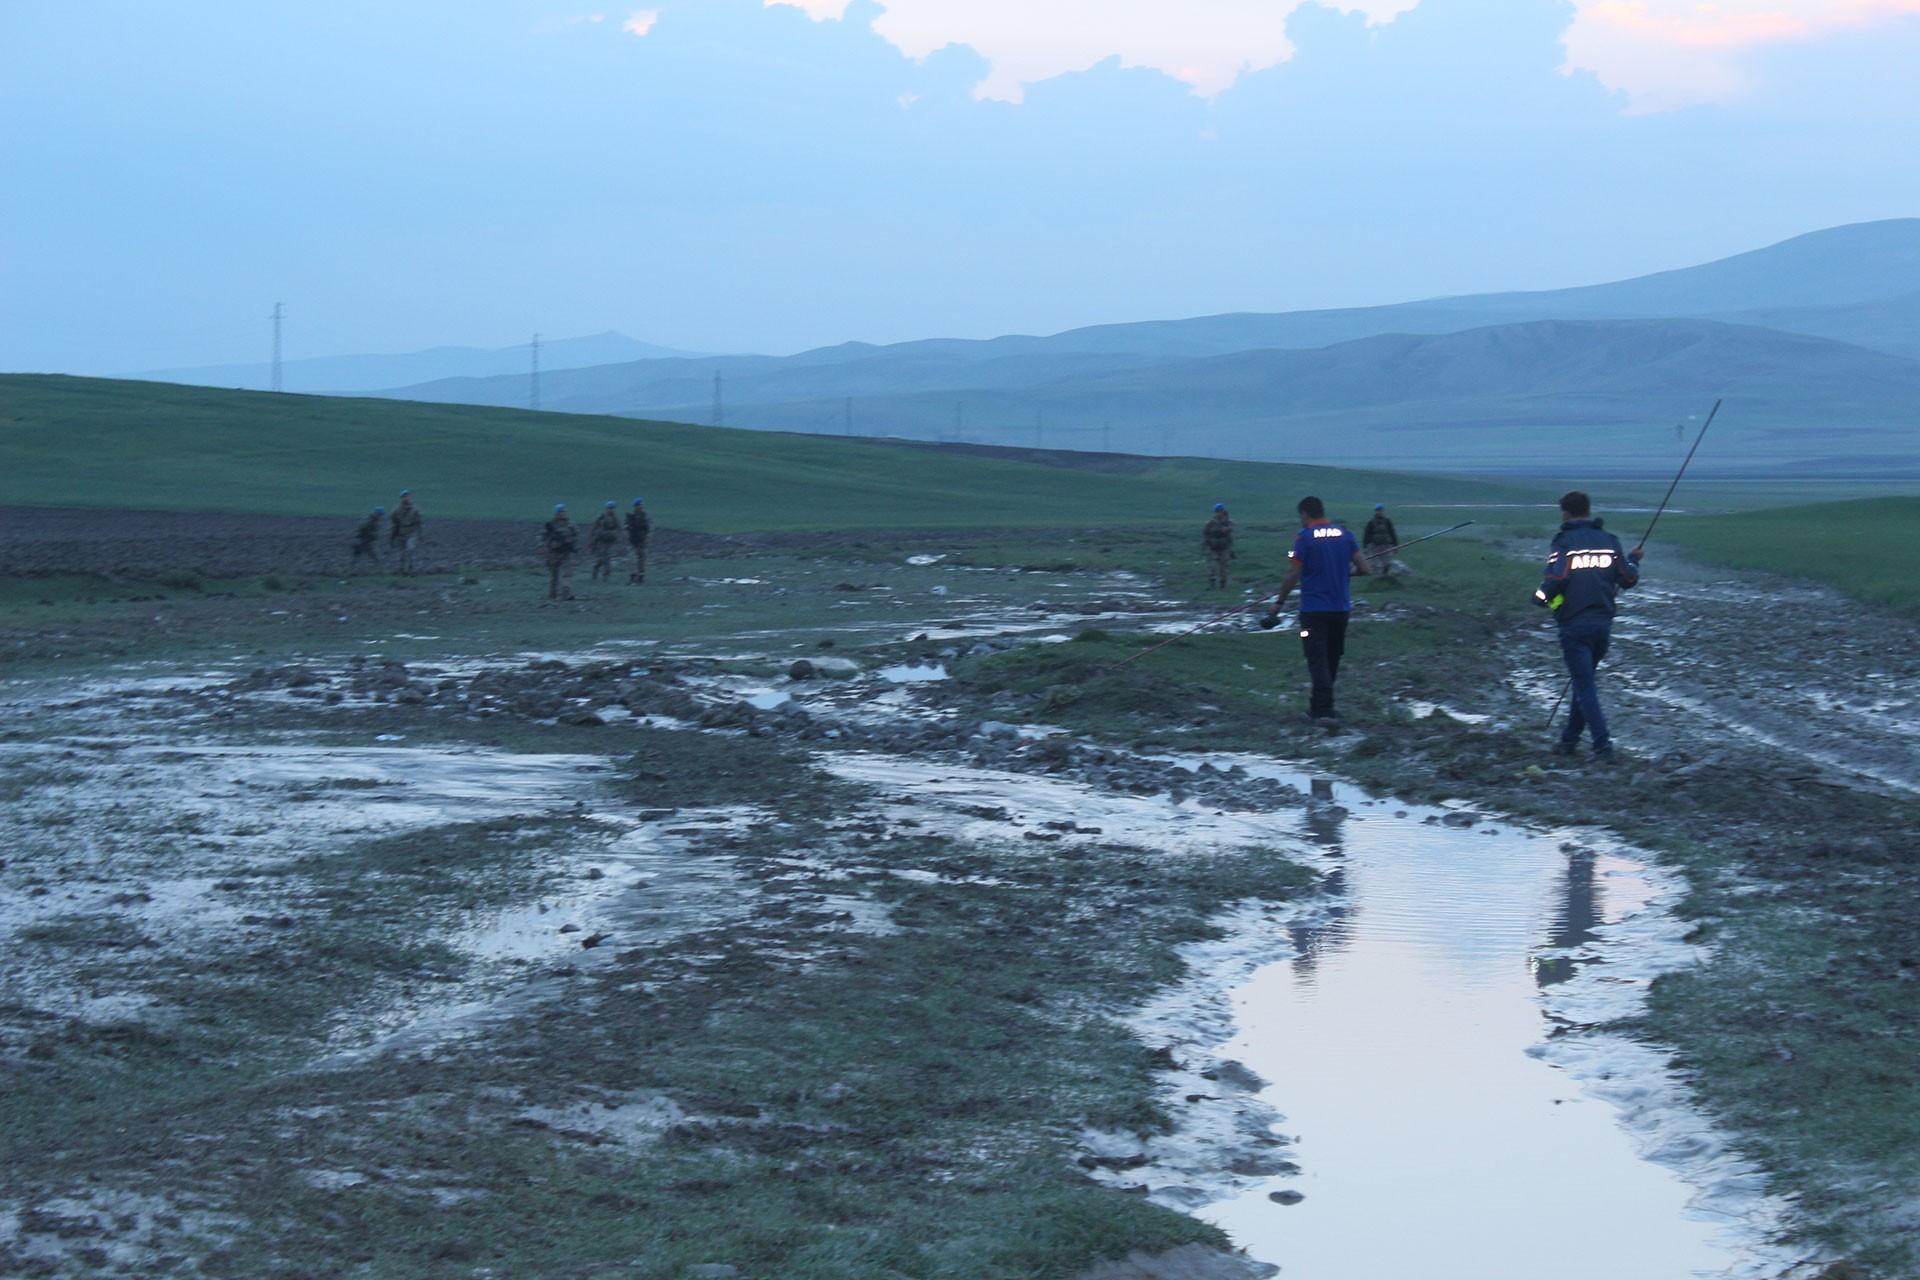 Ağrı'da sel: 2'si çocuk, 4 kişi hayatını kaybetti